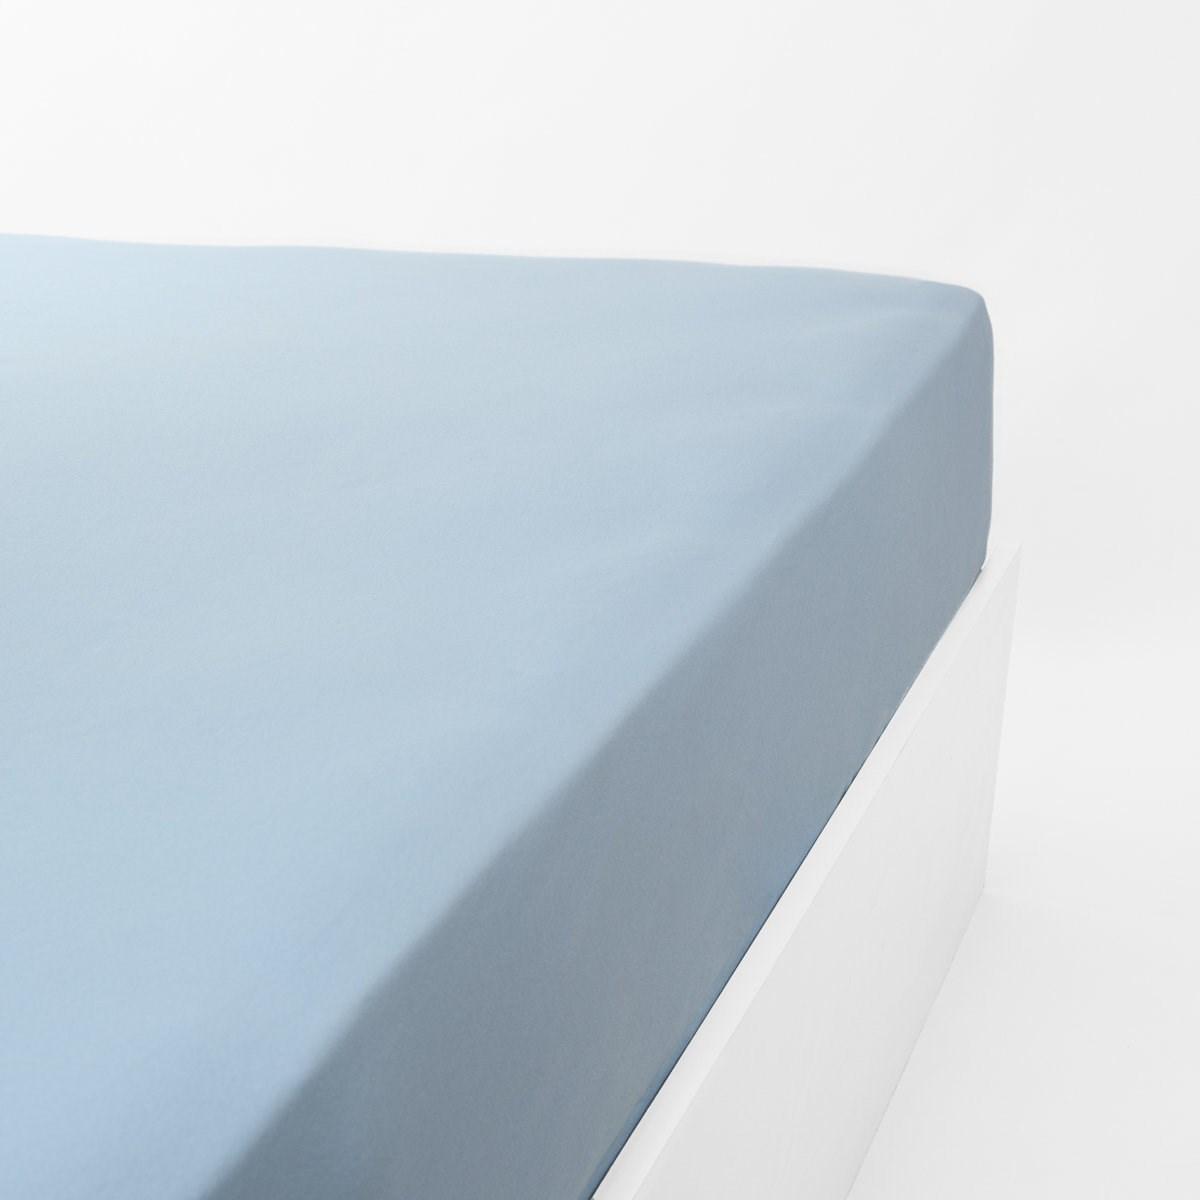 Drap housse jersey extensible en coton bleu clair 80x200 cm